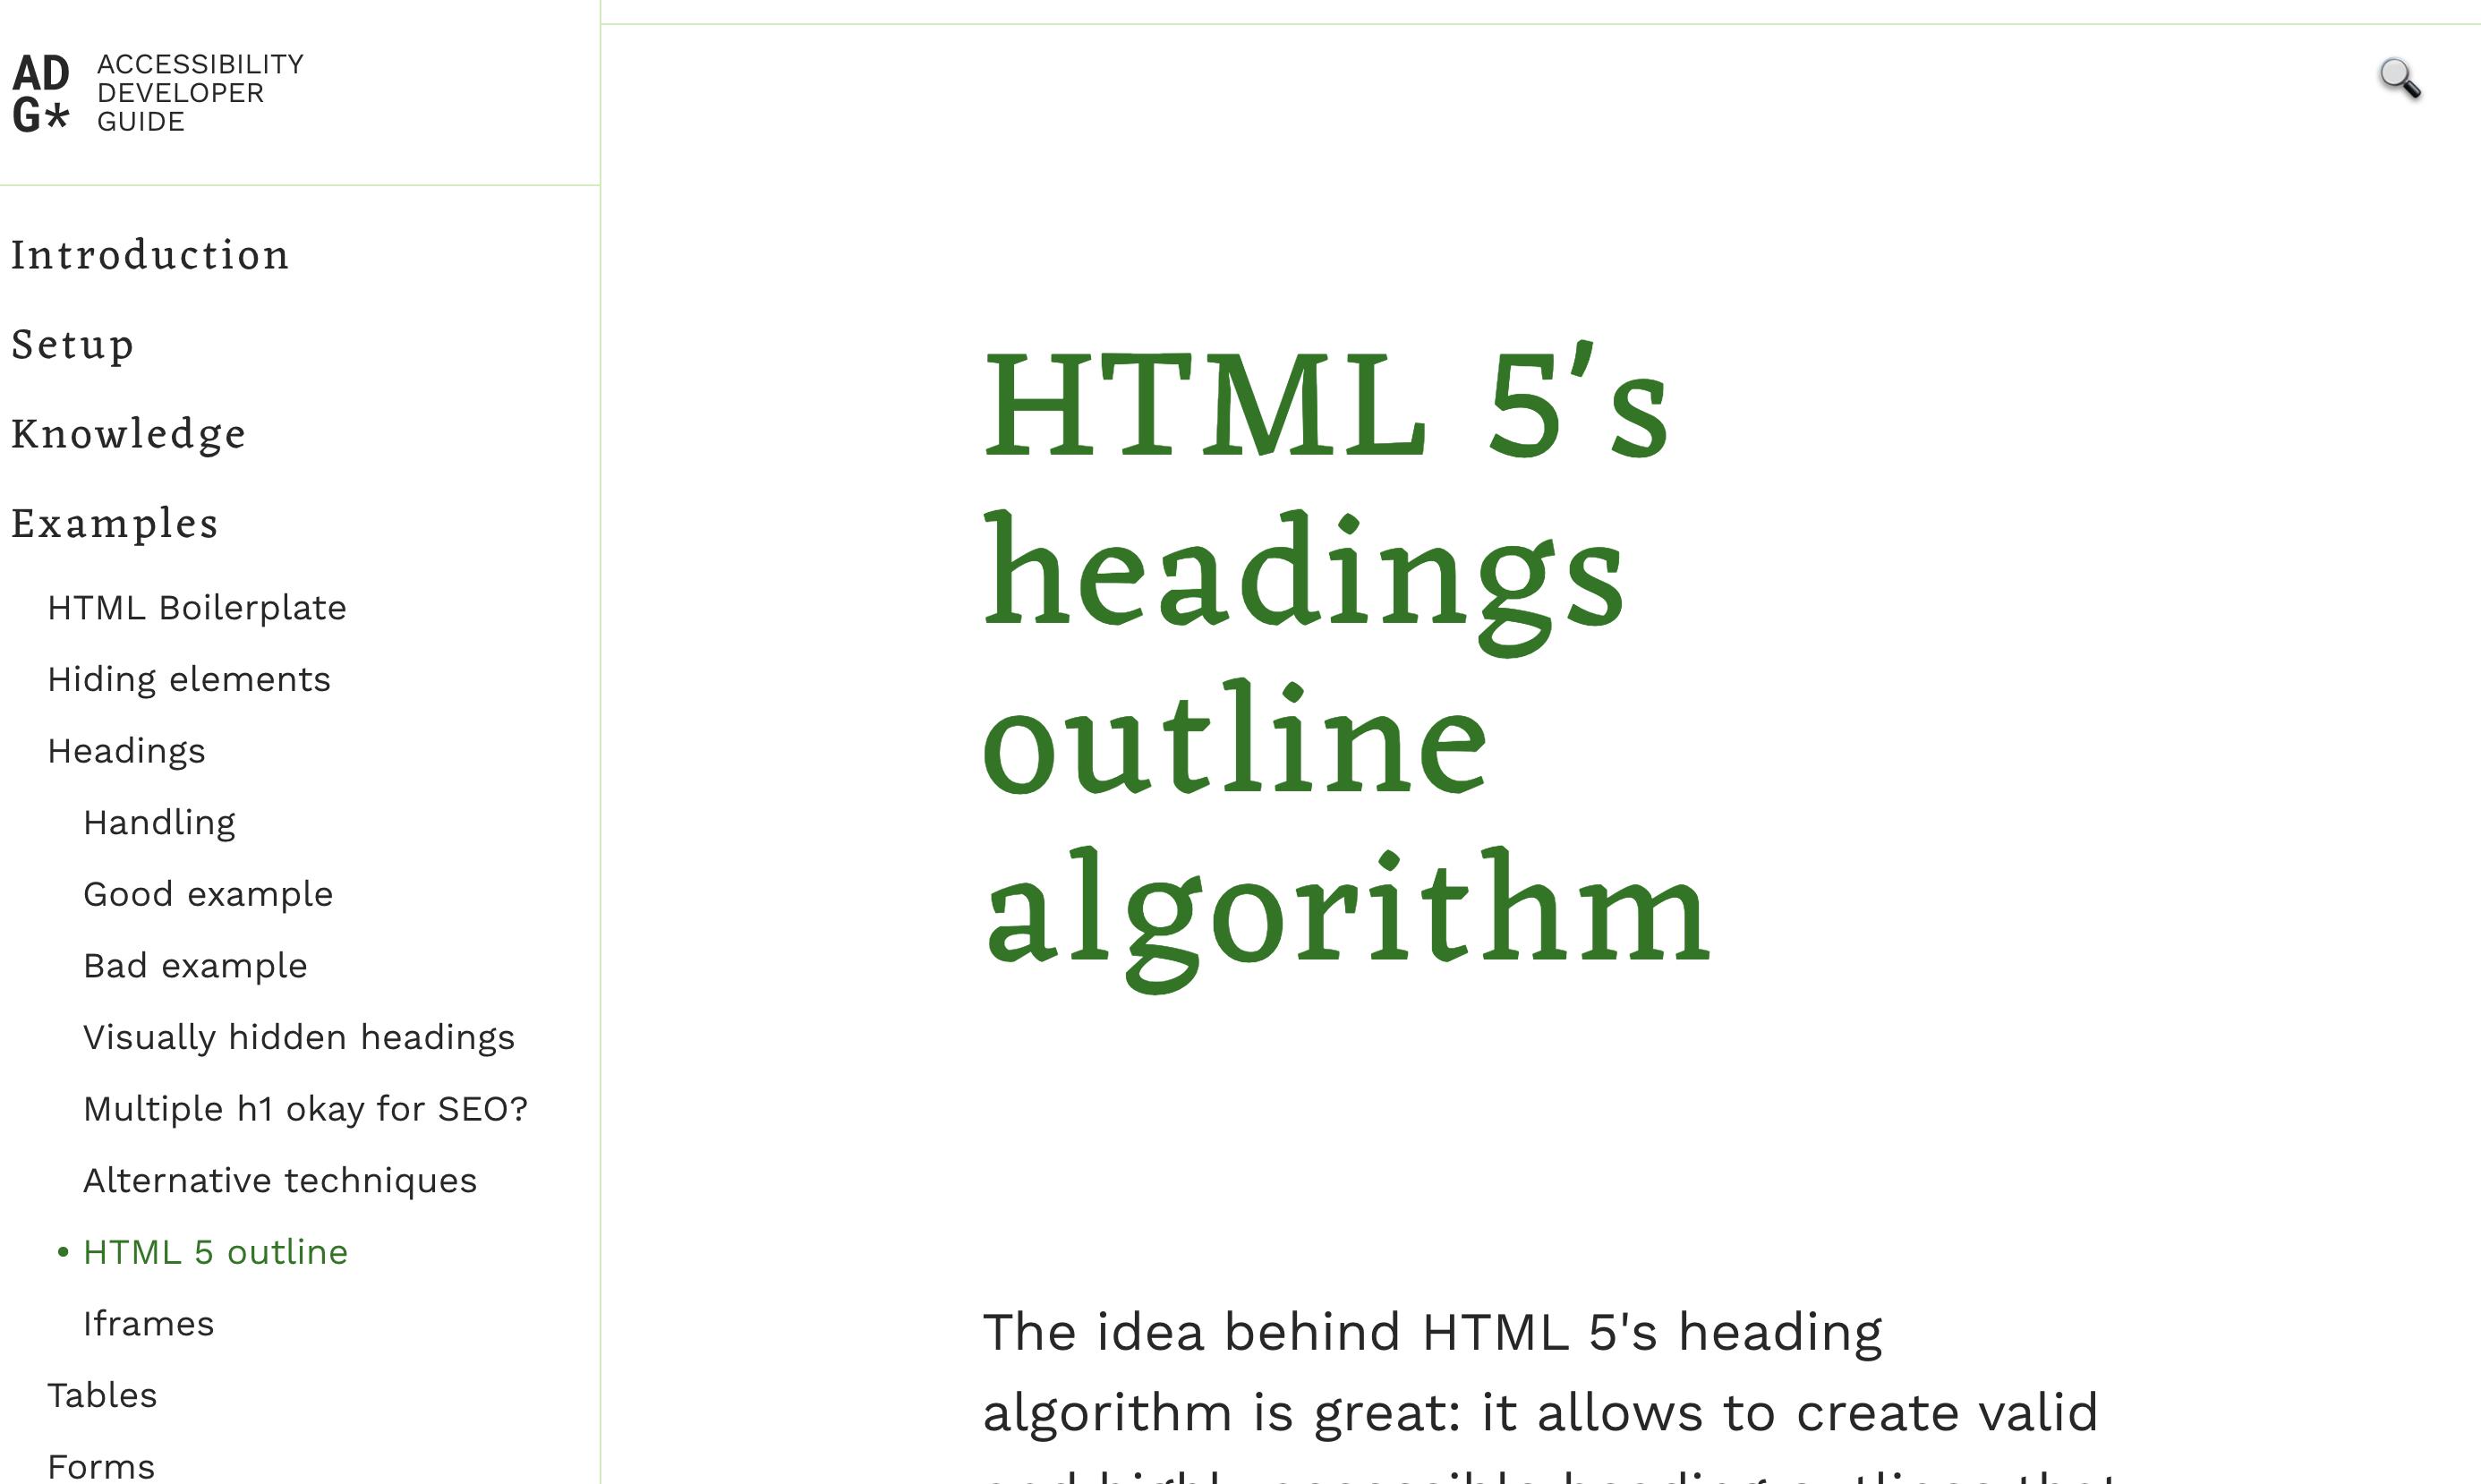 HTML 5's headings outline algorithm